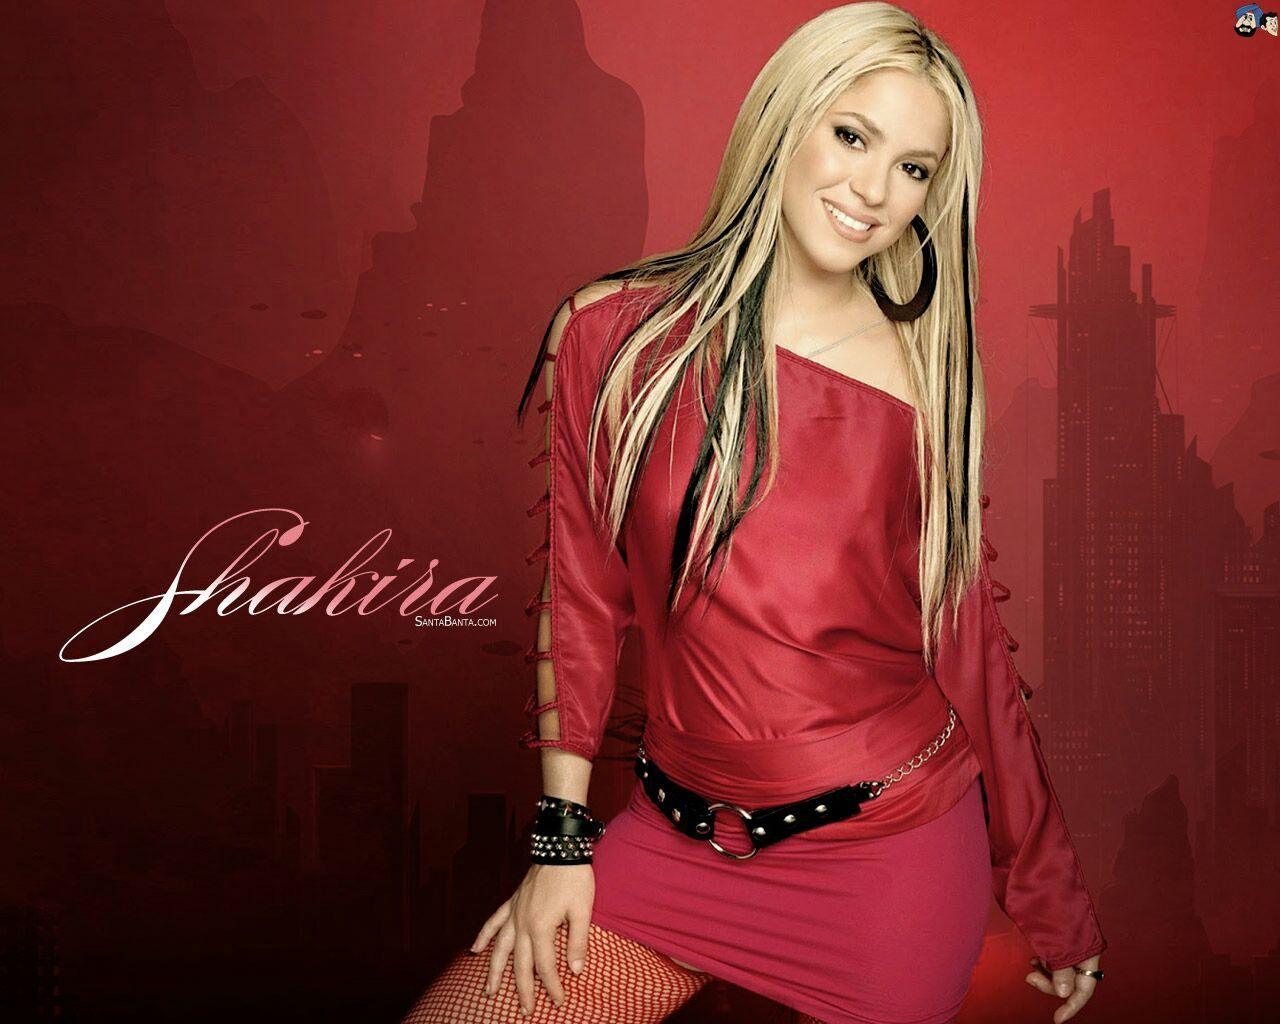 Download 10 Greatest Hits Song By Shakira Dengan Gambar